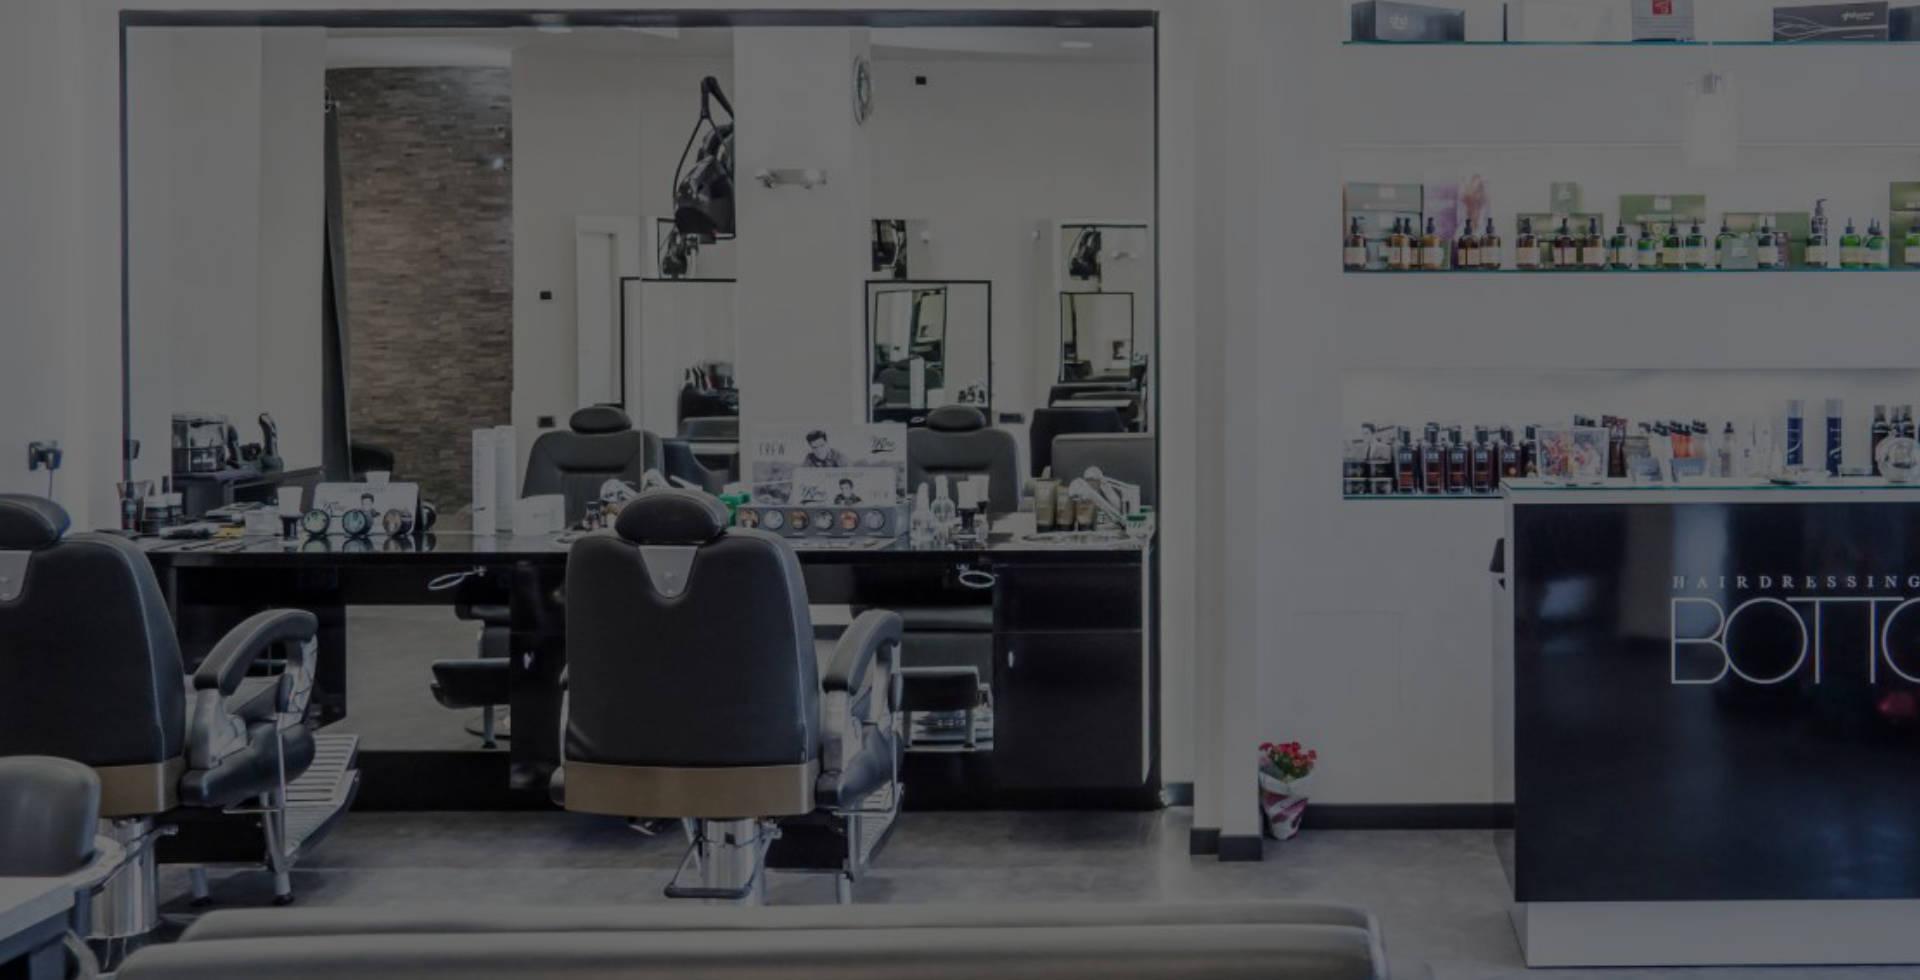 Bottone Barbiere a fiumicino, servizio taglio uomo